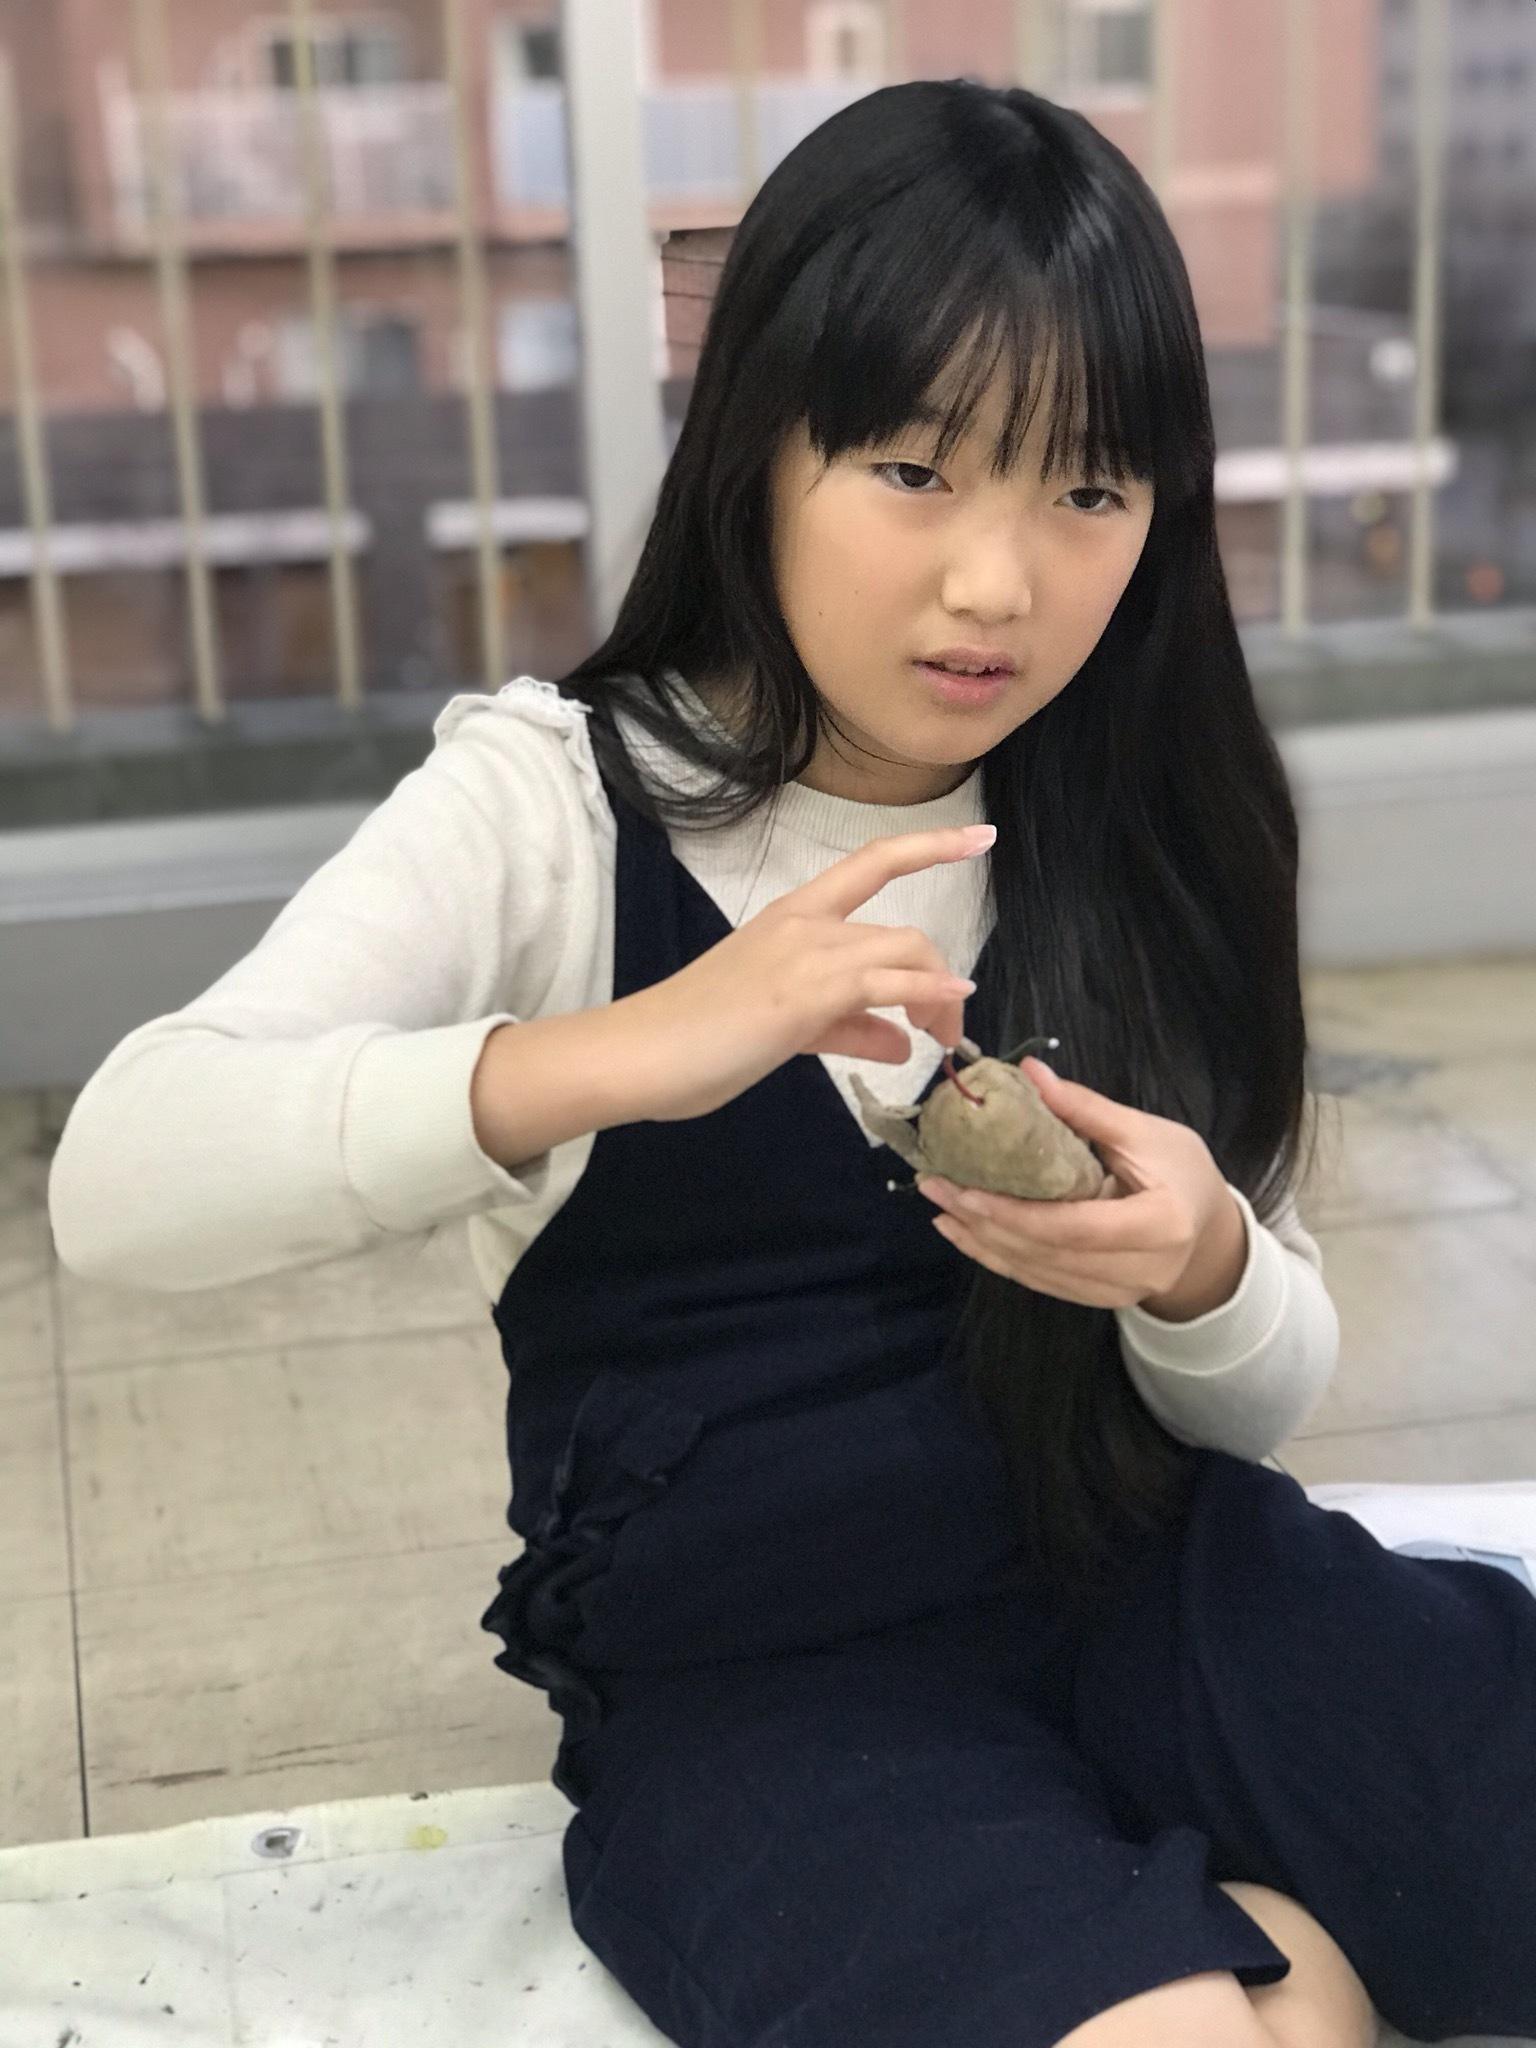 「サヨナラ」だけど>退会_d0076558_11185666.jpeg